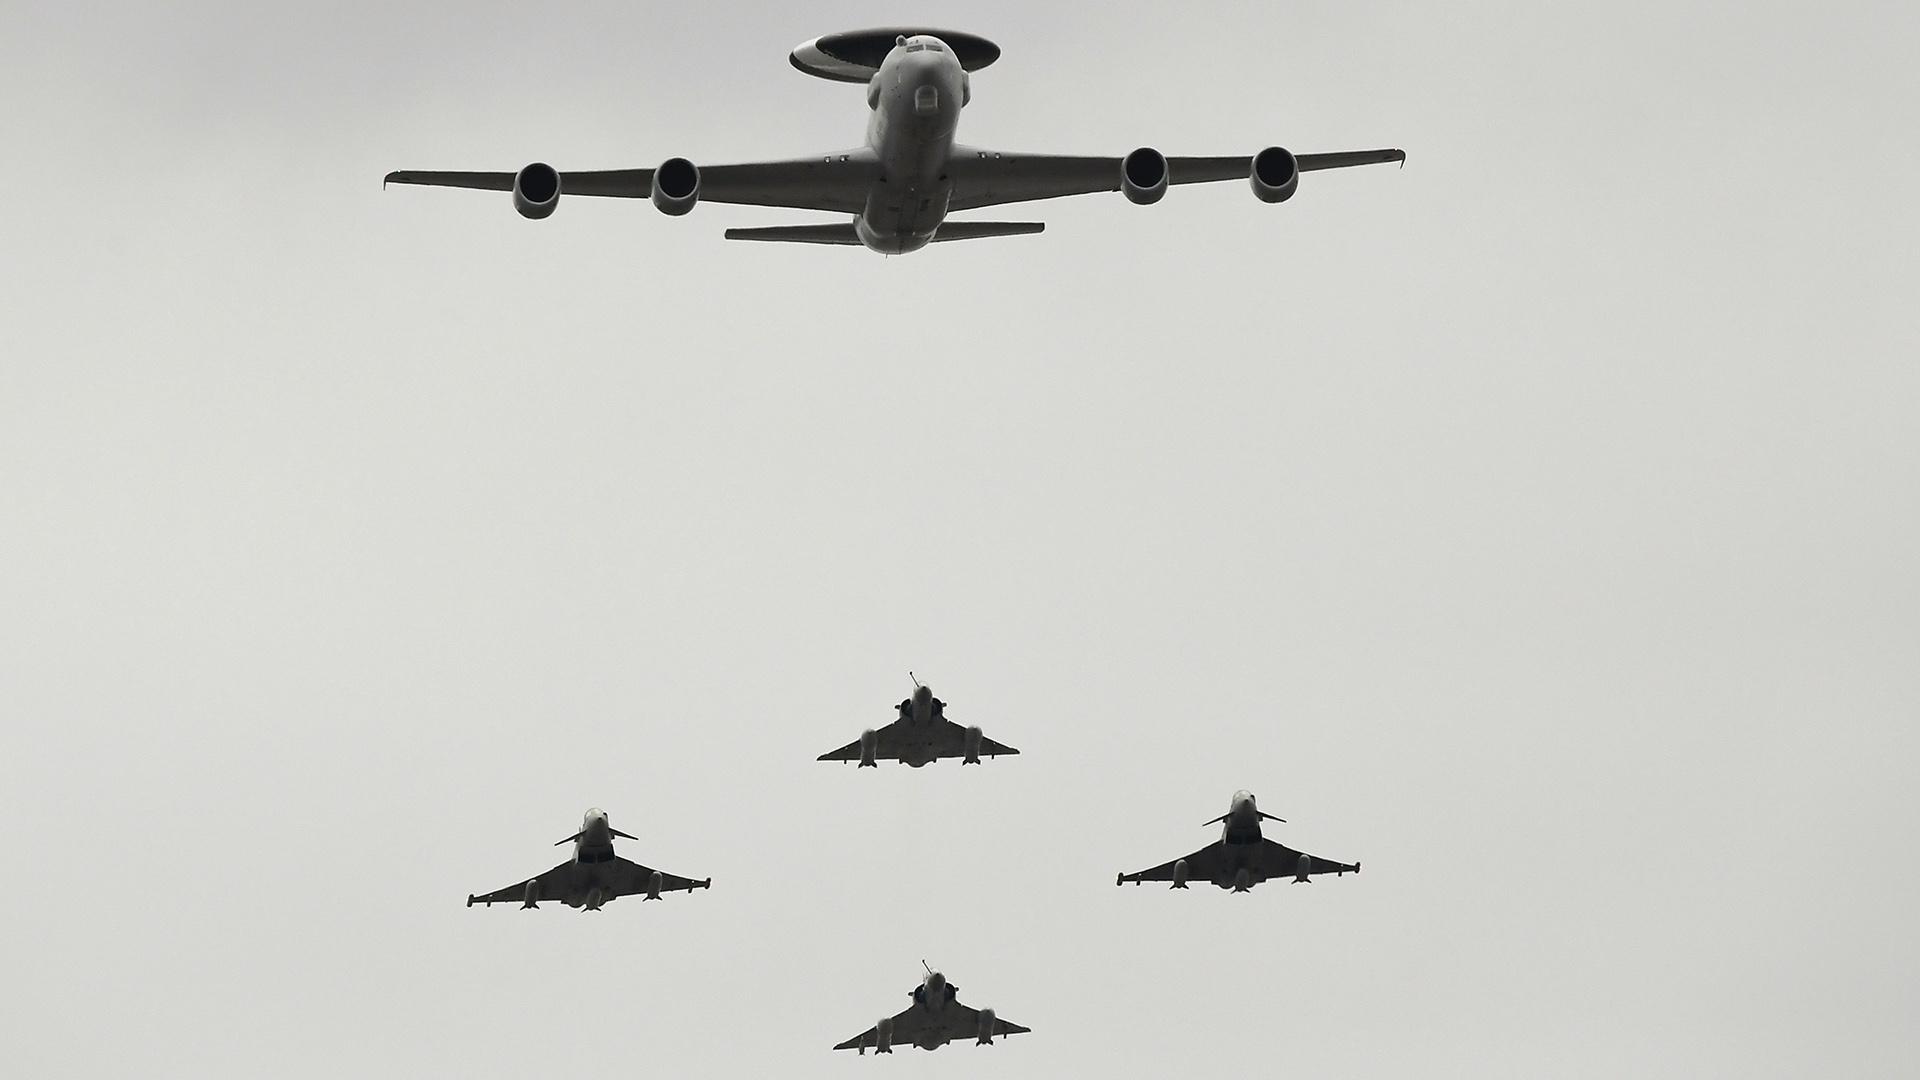 Aviones militares sobre París: Boeing E-3 Sentry (arriba), Mirage 2000 (vertical, rombo) y Eurofighter Typhoon (izquierda y derecha)